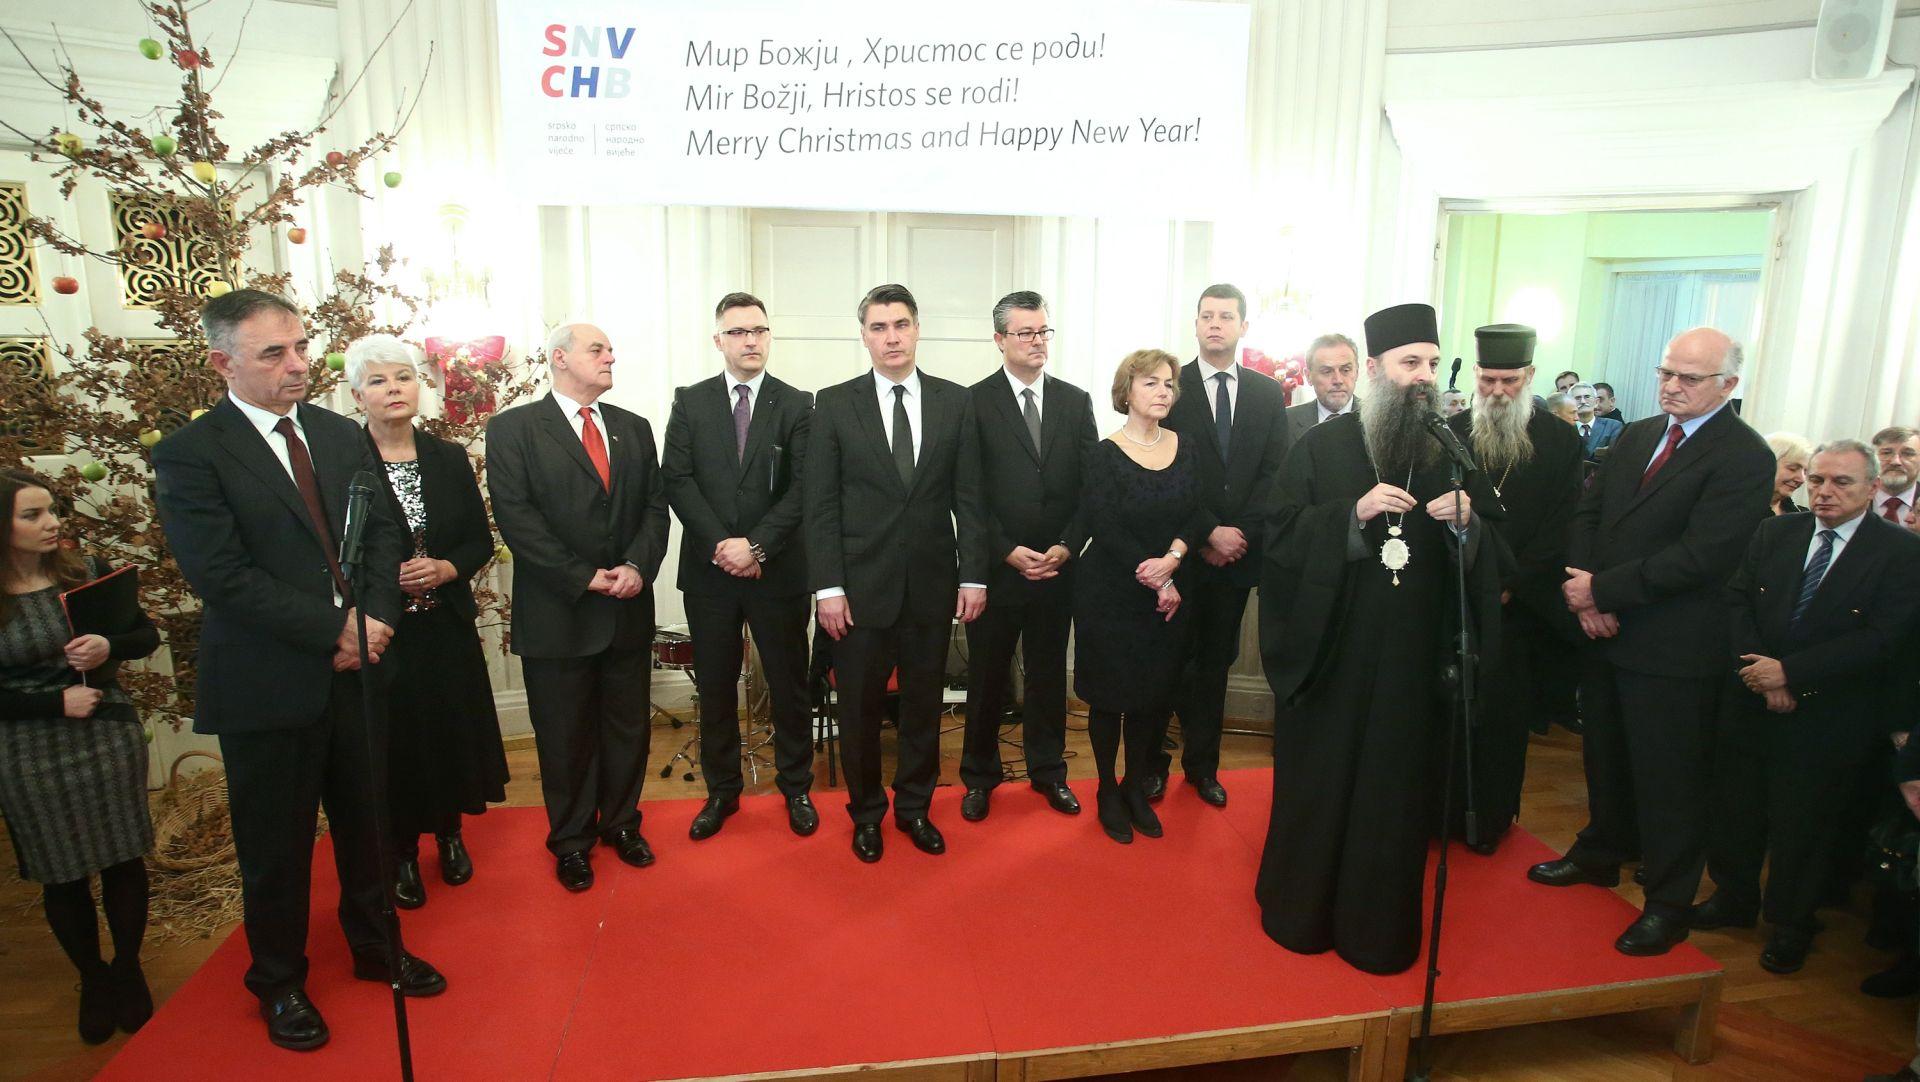 U HND-u tradicionalni prijem SNV-a u povodu pravoslavnog Božića